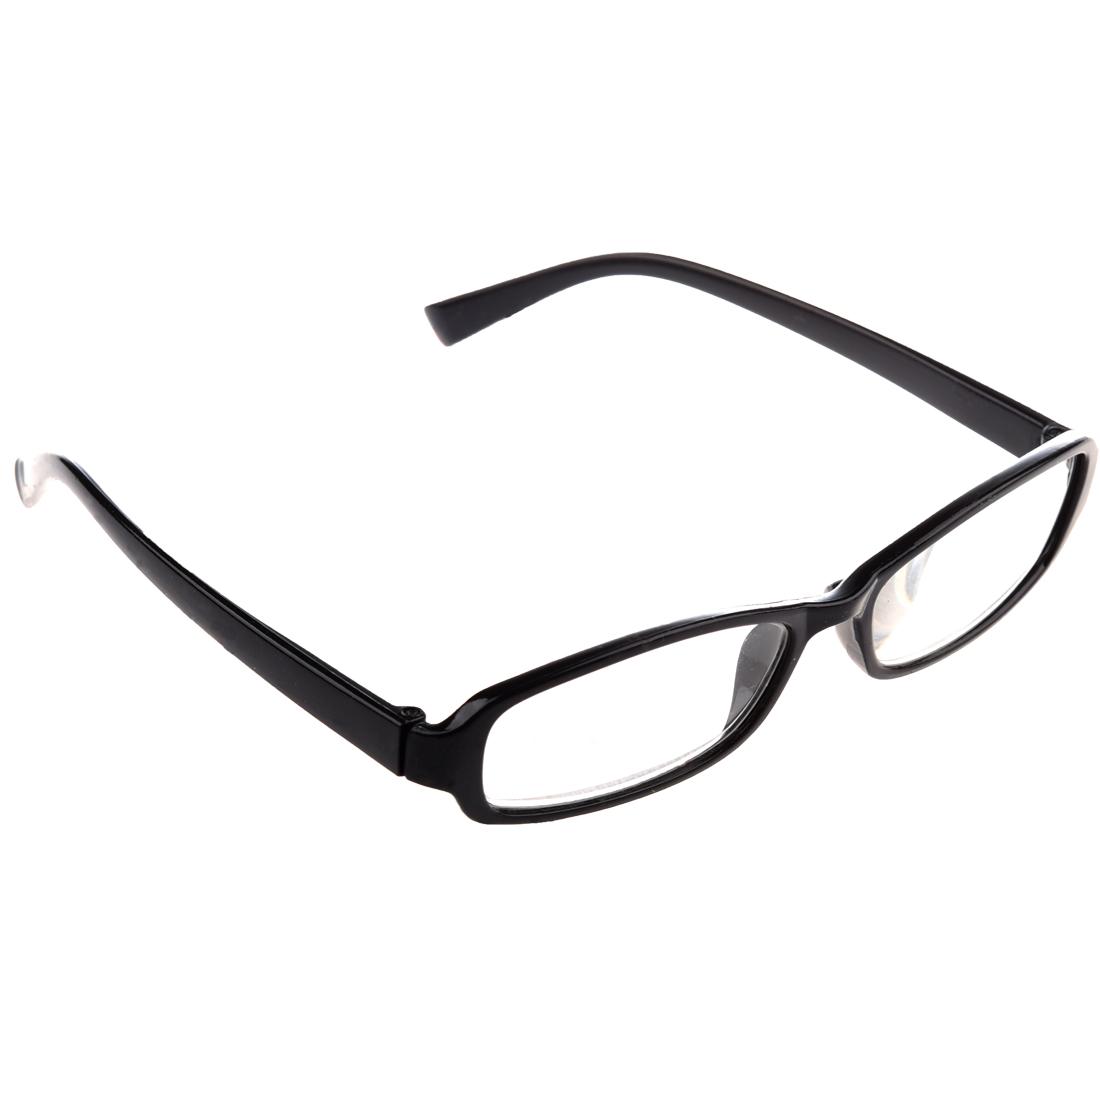 black plastic arms frame reading glasses 3 50 for